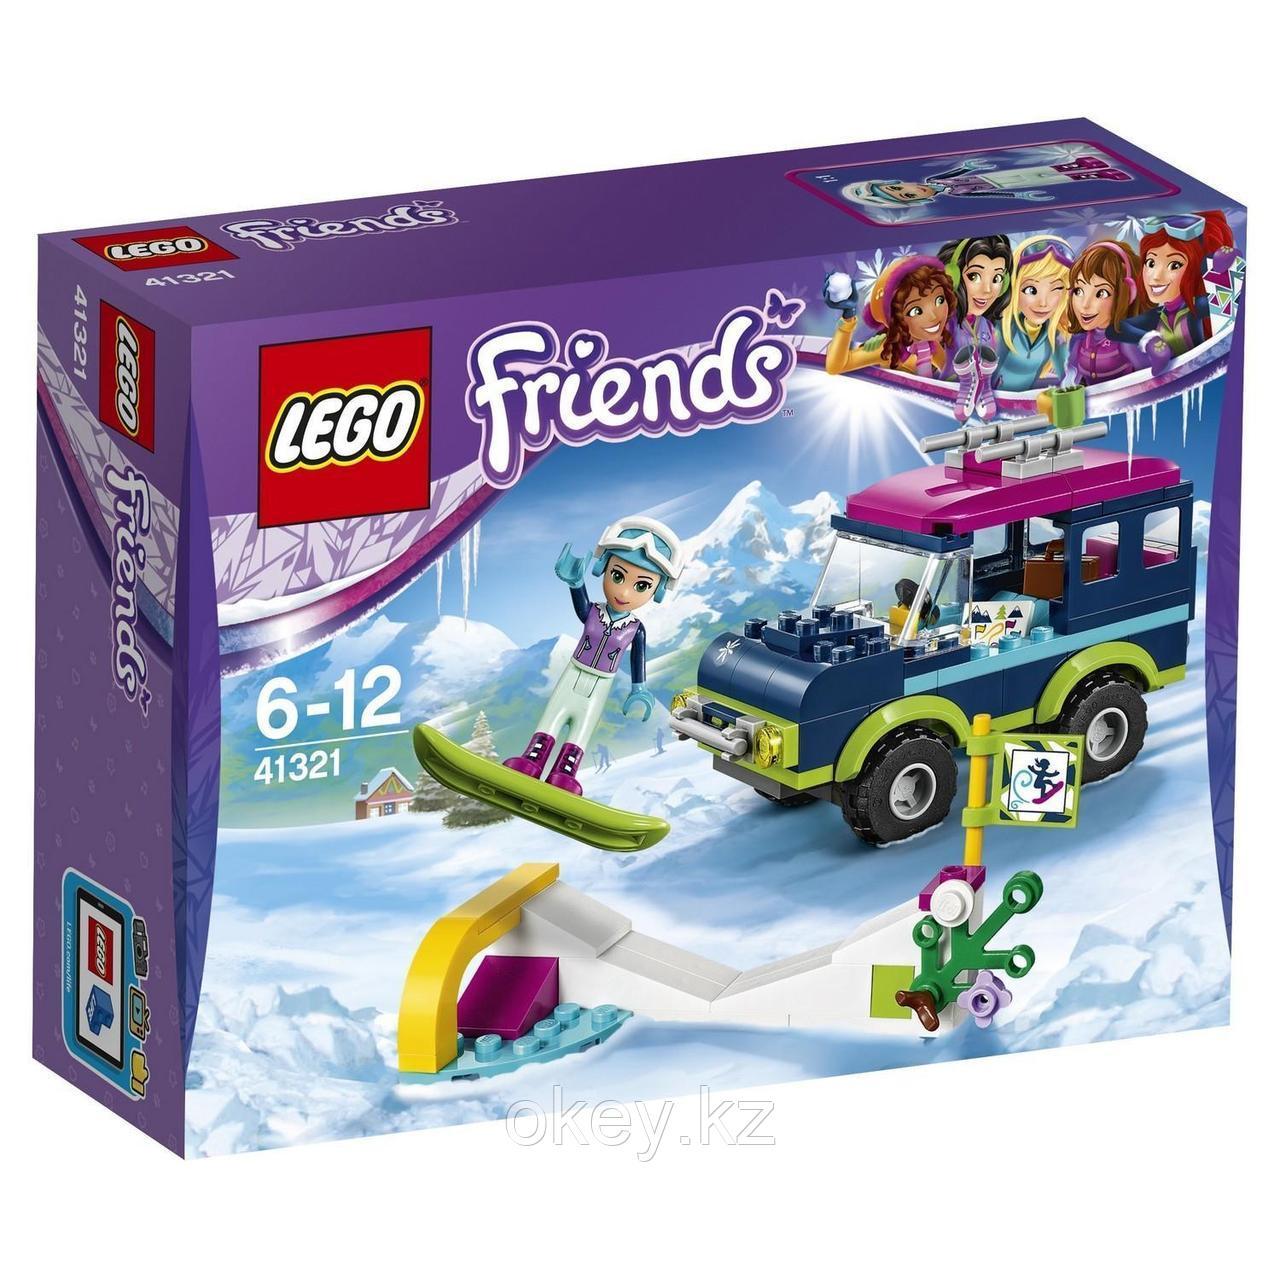 LEGO Friends: Горнолыжный курорт: внедорожник 41321